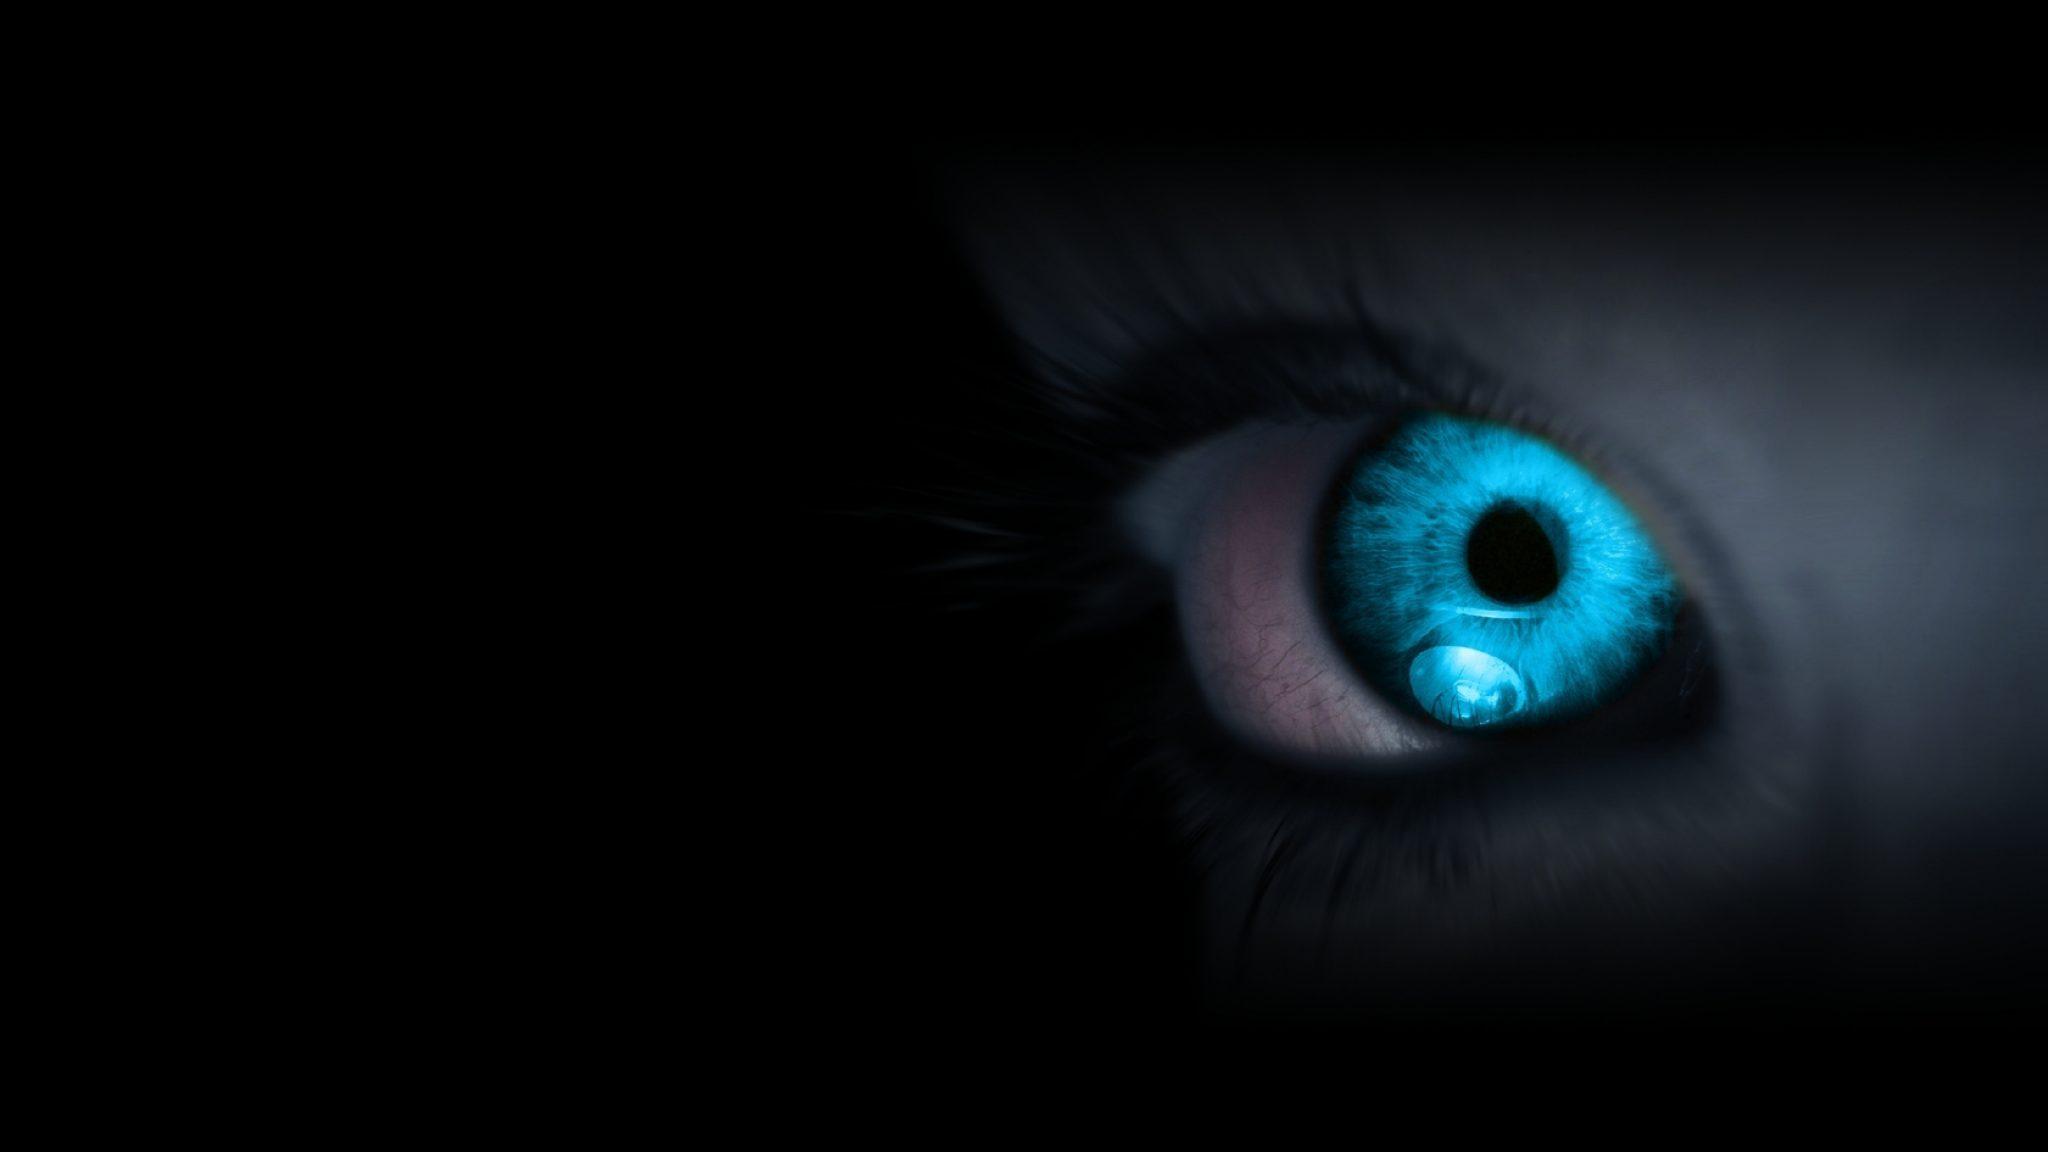 Ảnh nền màu đen con mắt xanh đẹp nhất